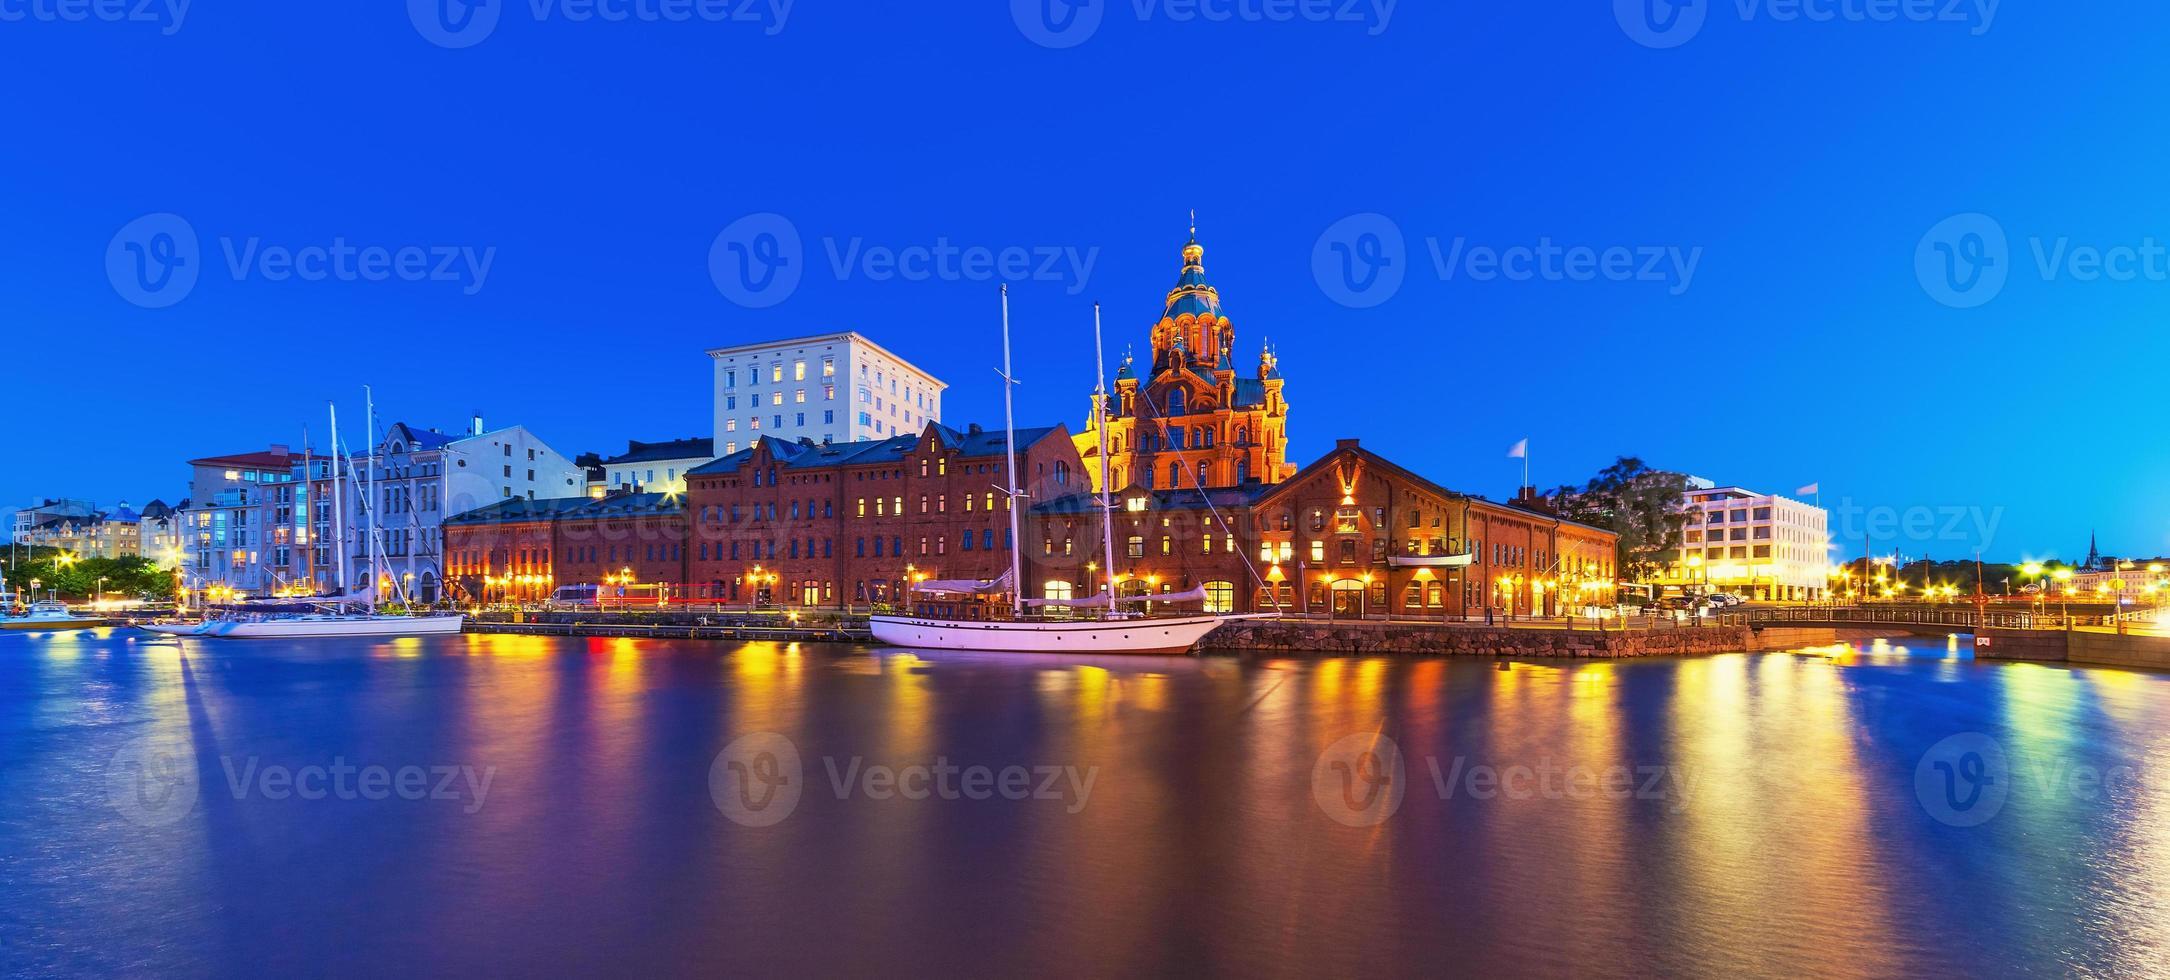 nattpanorama över gamla stan i Helsingfors, Finland foto